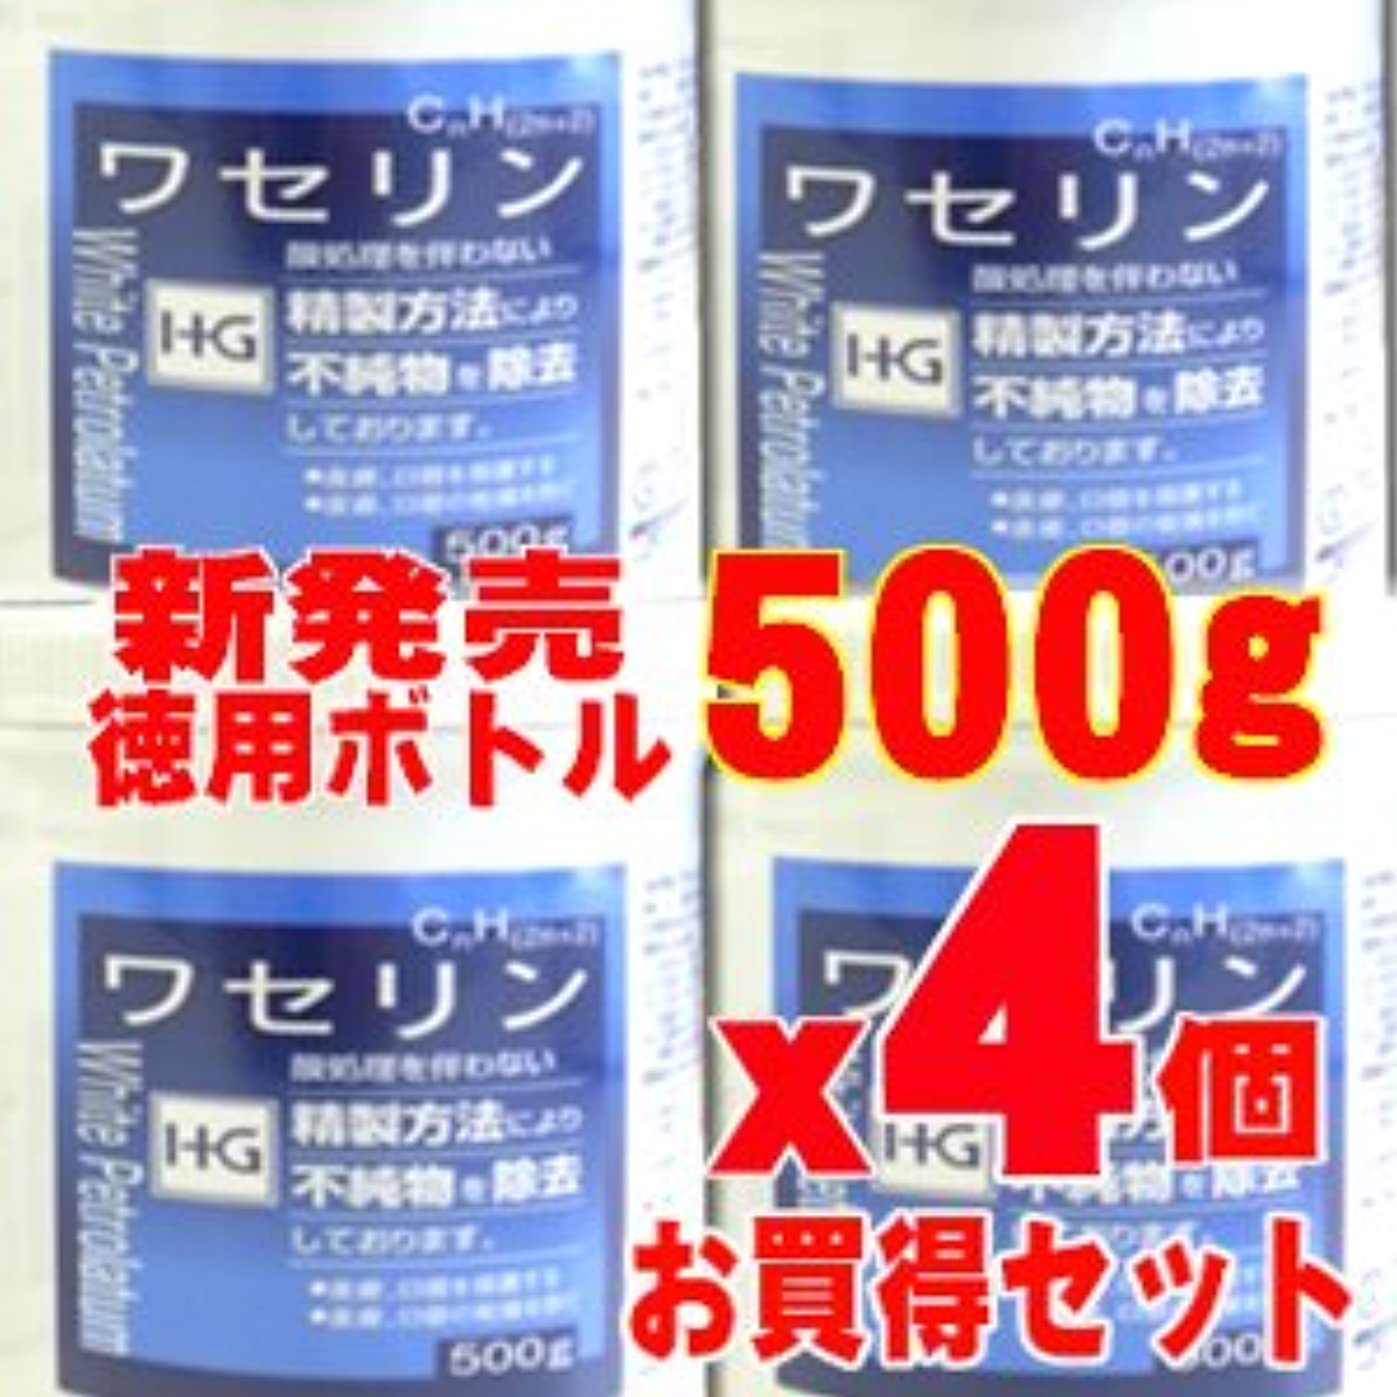 けん引剪断実質的に【敏感肌の方に最適!】皮膚保護 ワセリンHG 徳用500gx4個セット